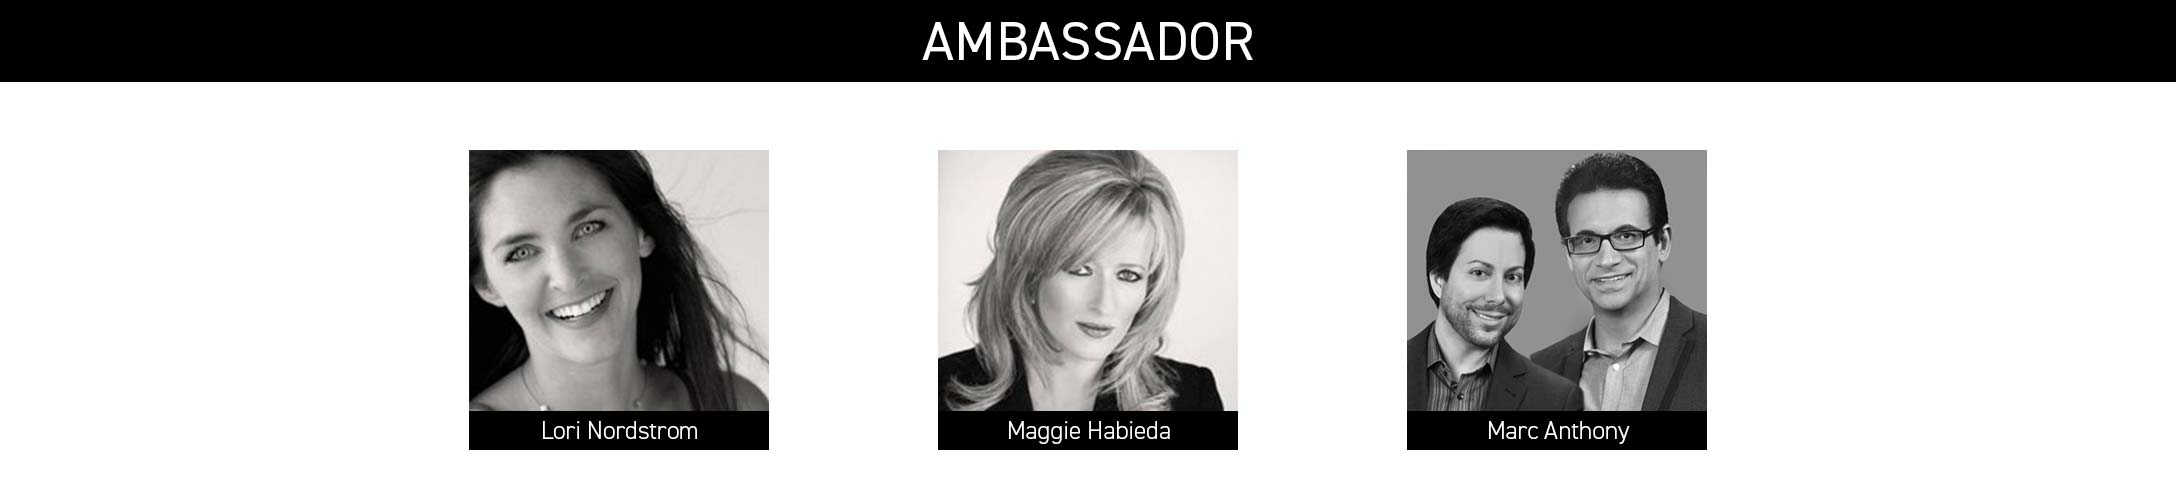 Ambassador_x-3-lingue-1